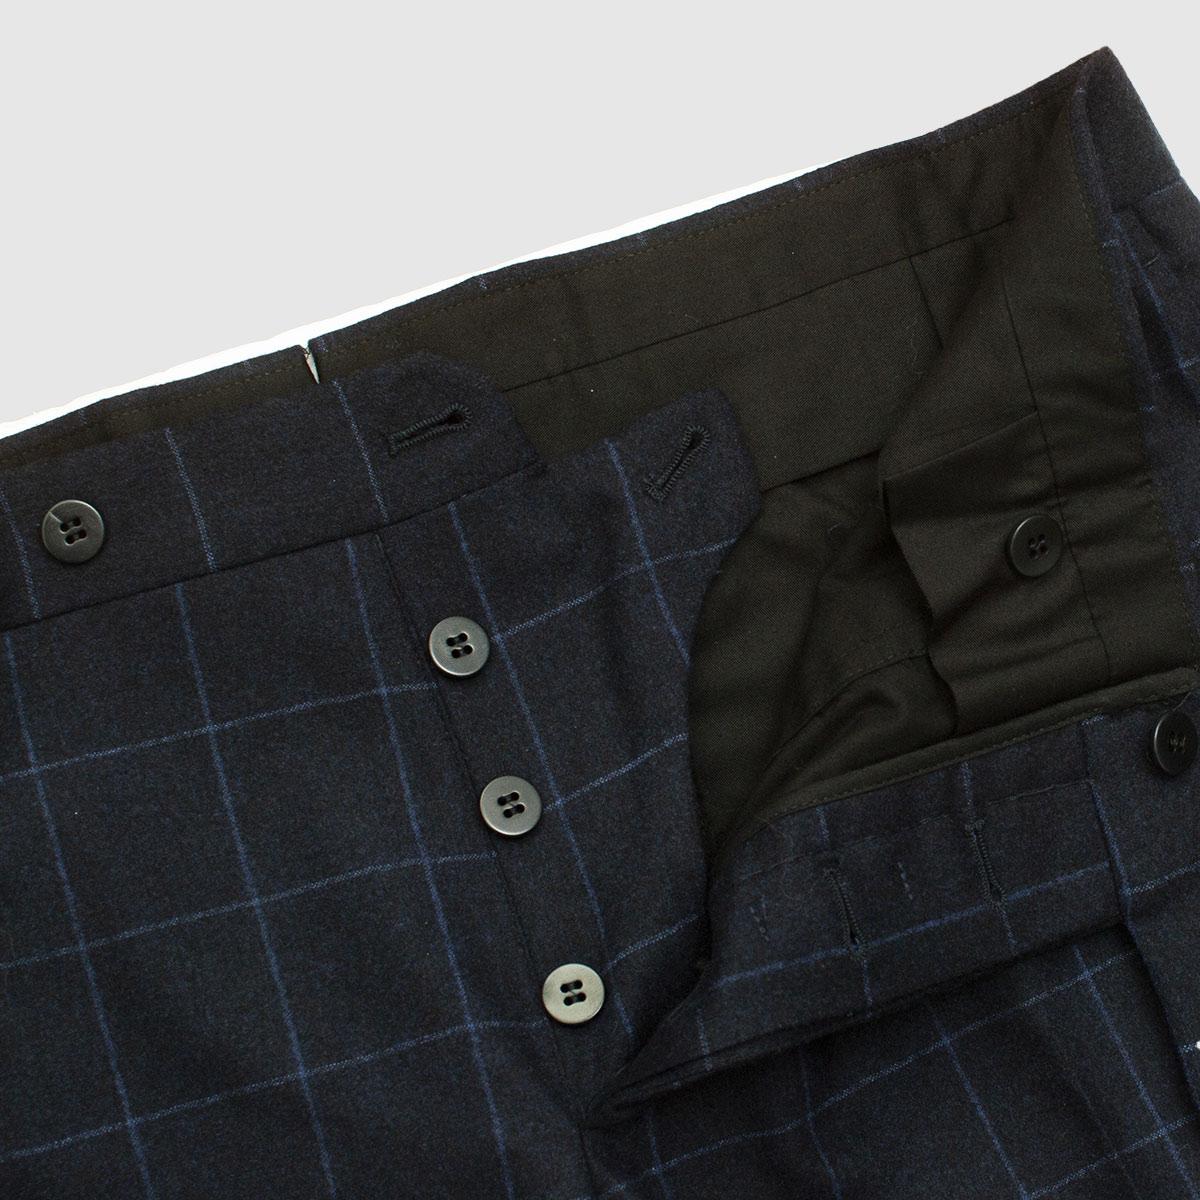 Pantalone classico in 100% Lana finestrata